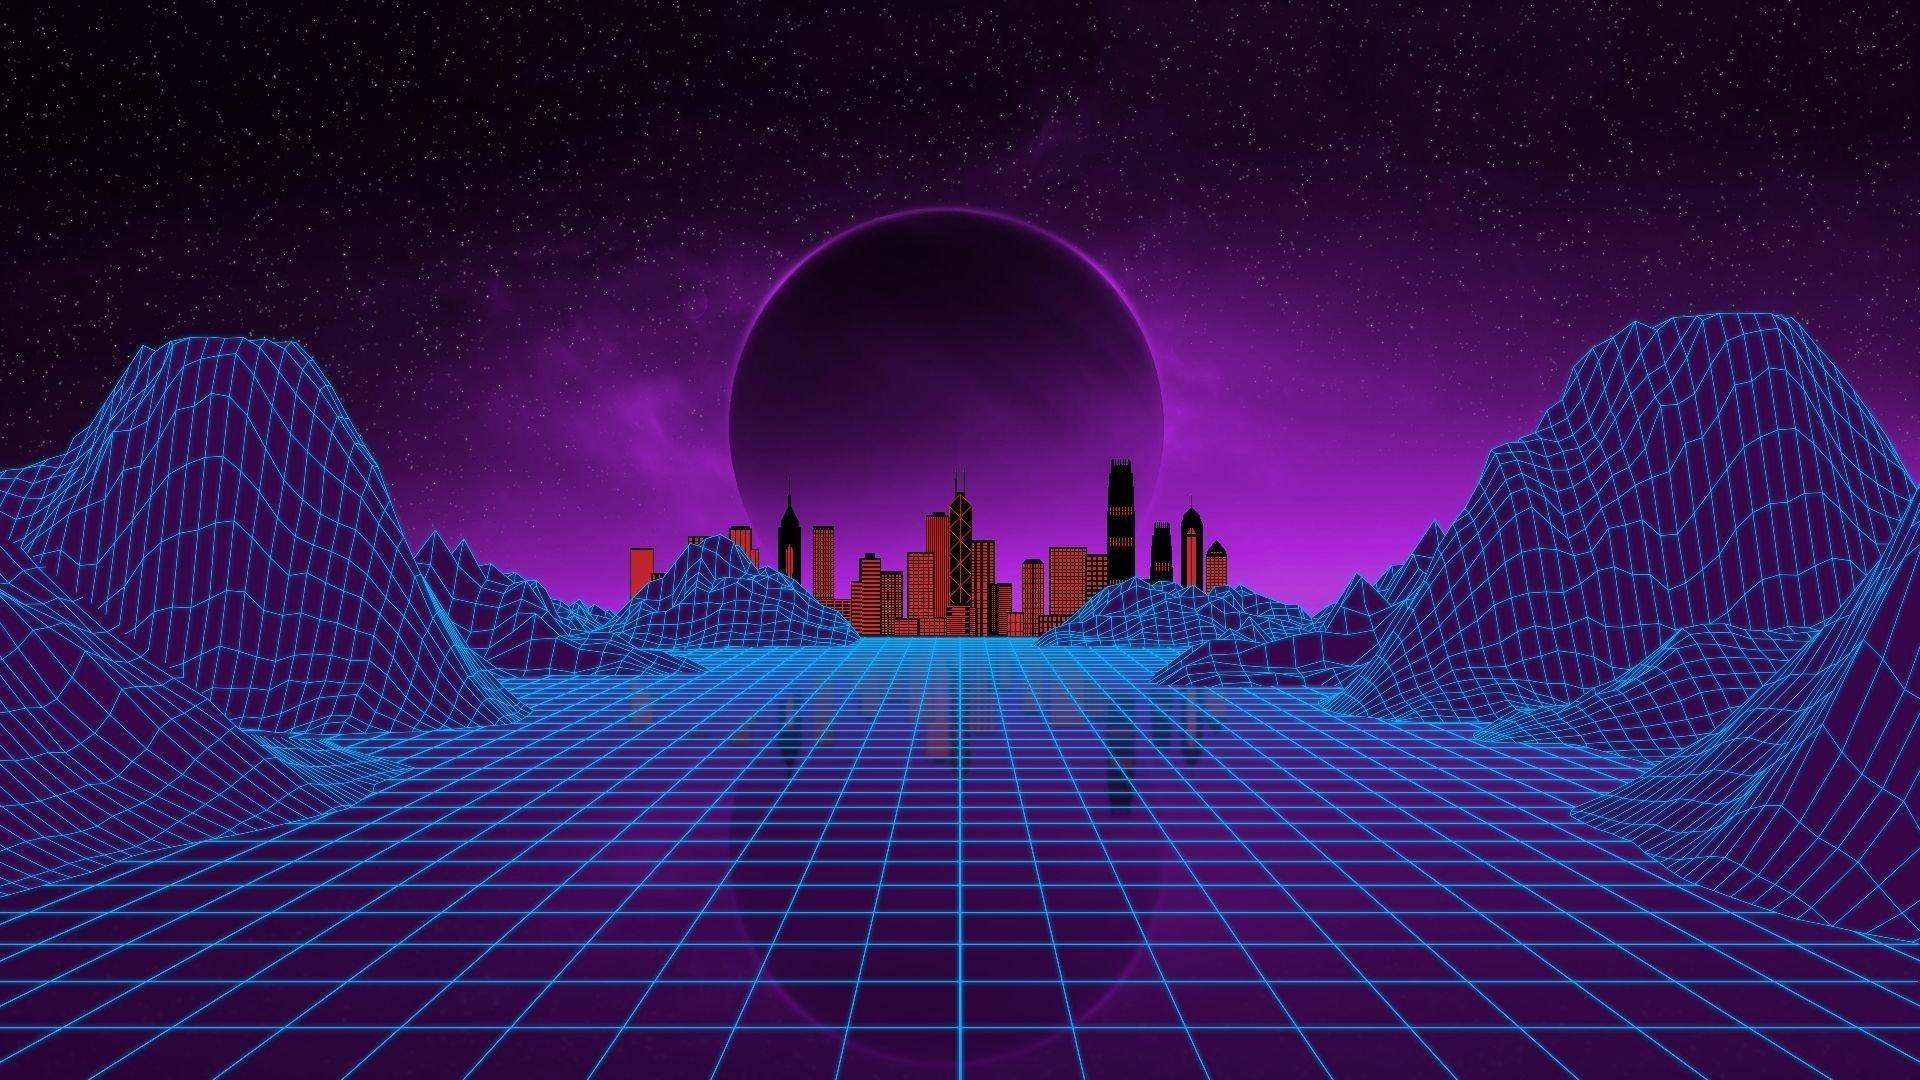 Cyber Wallpaper 1920x1080